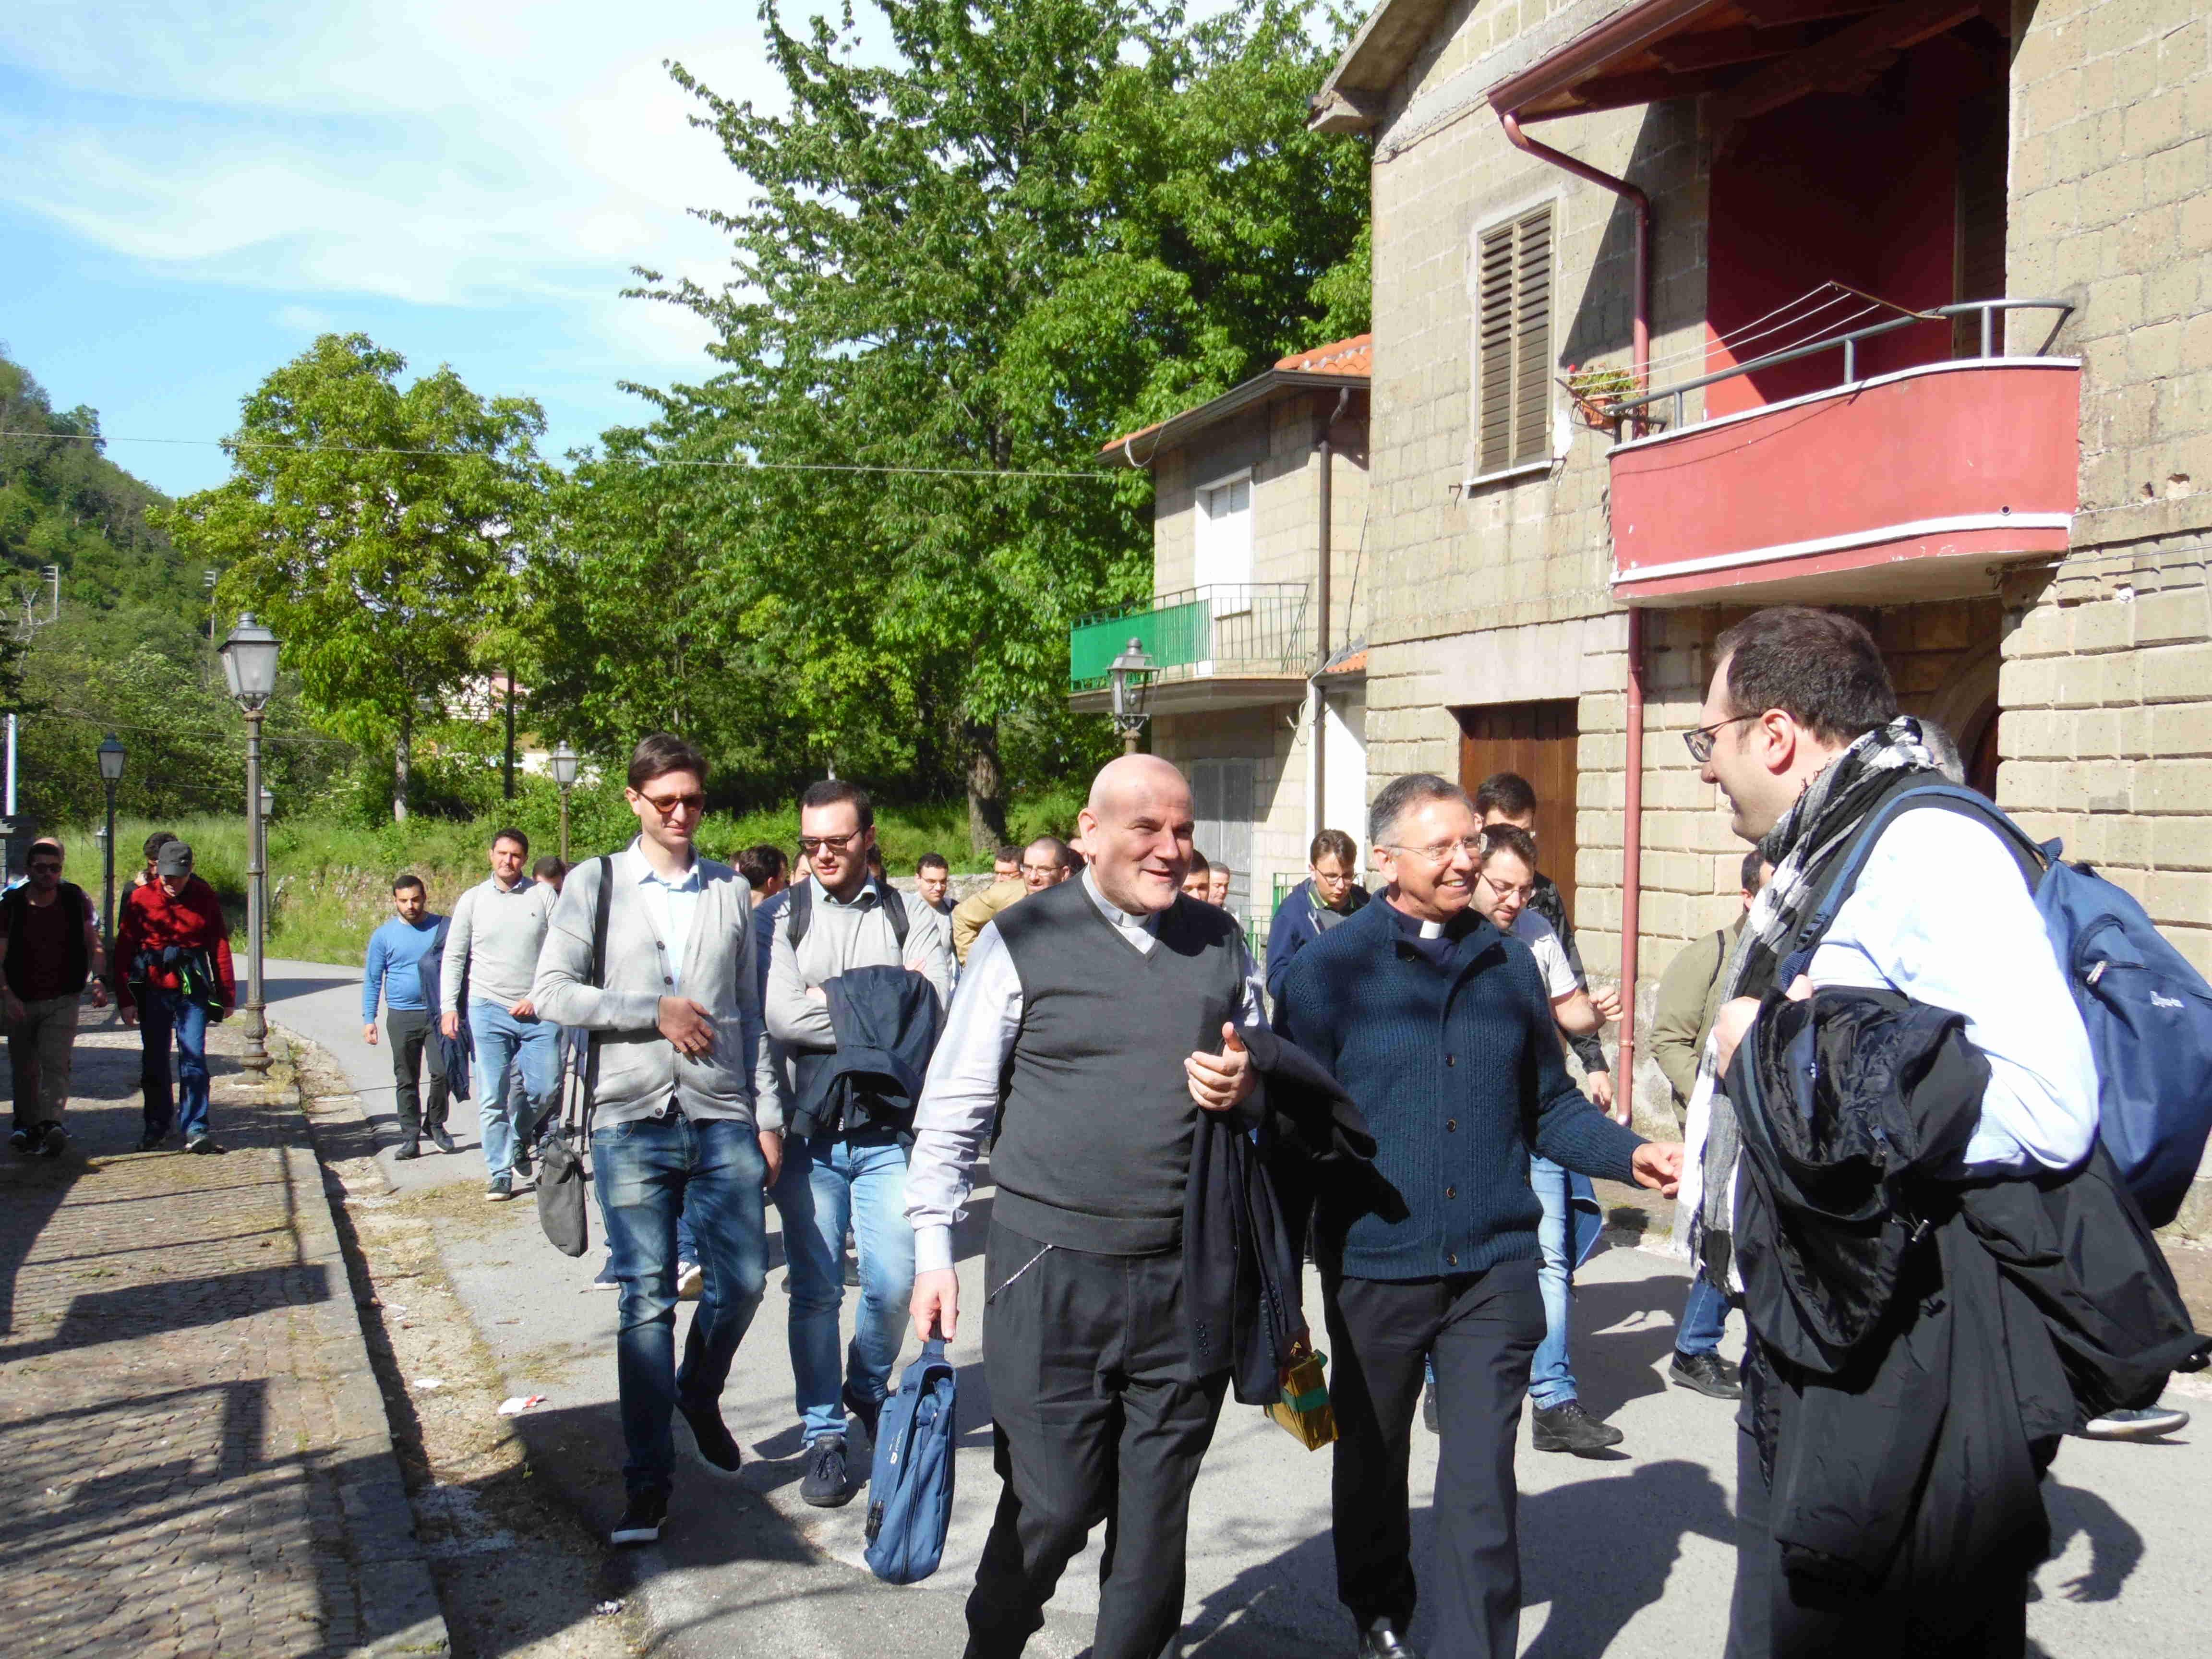 Pellegrinaggio Mariano 18-5-2018 (5)